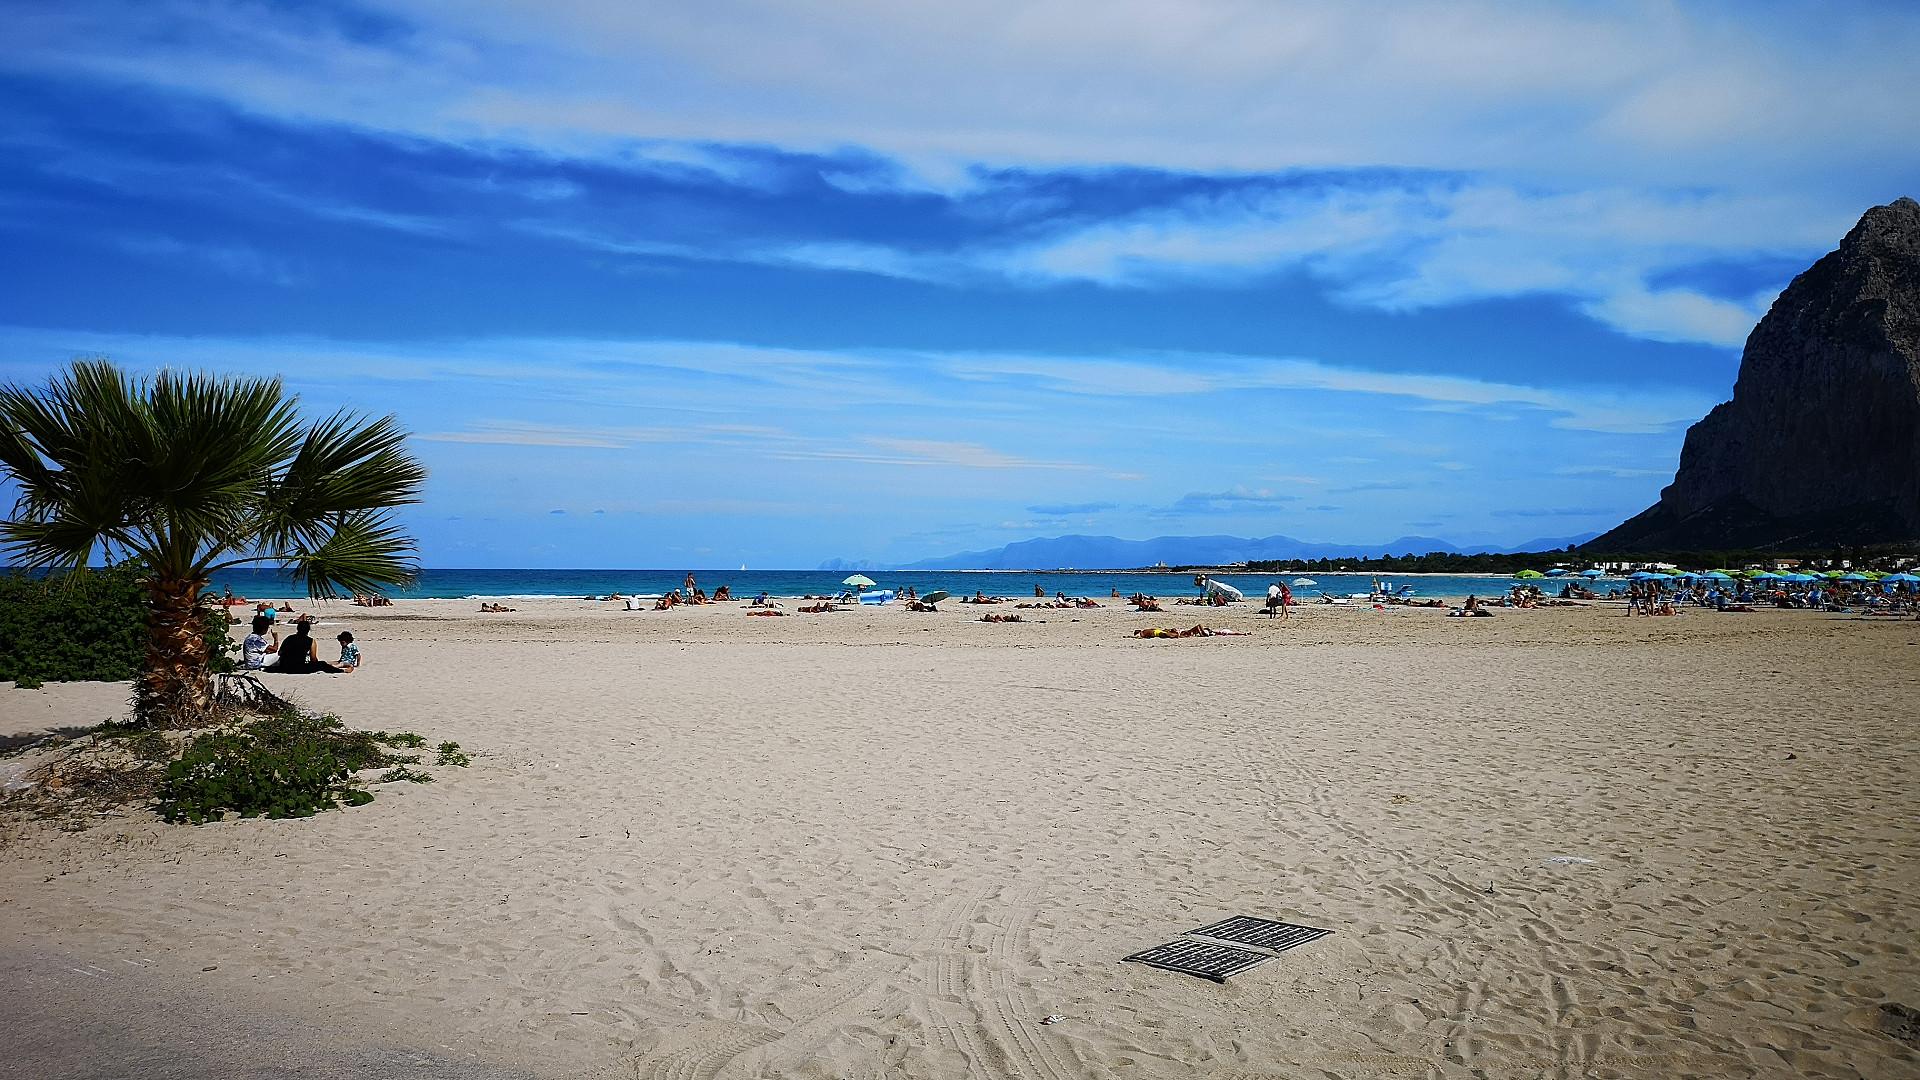 Spiaggia immensa